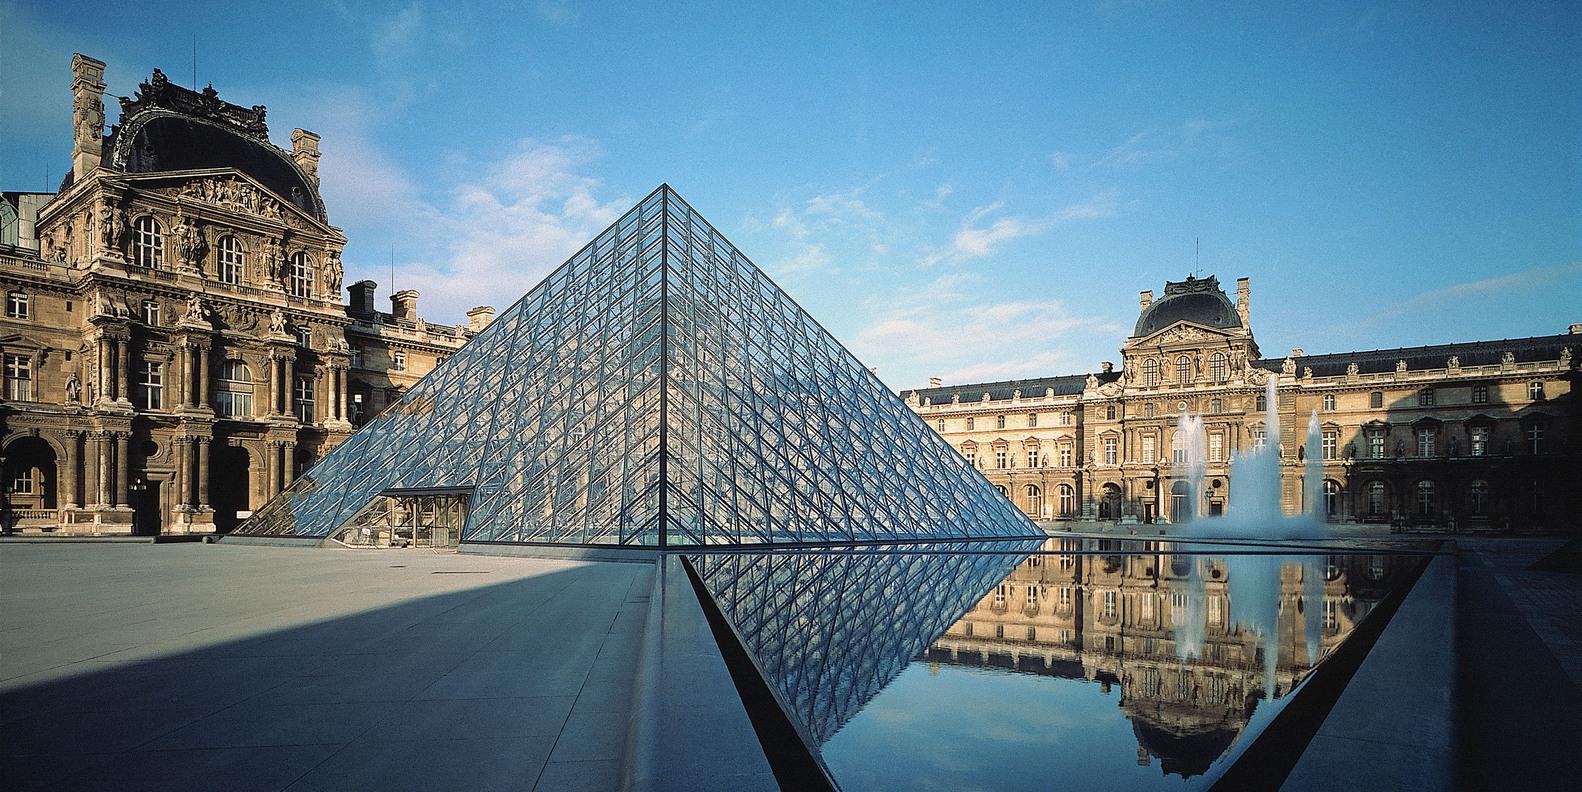 Ưu thế của kính trong kiến trúc hiện đại